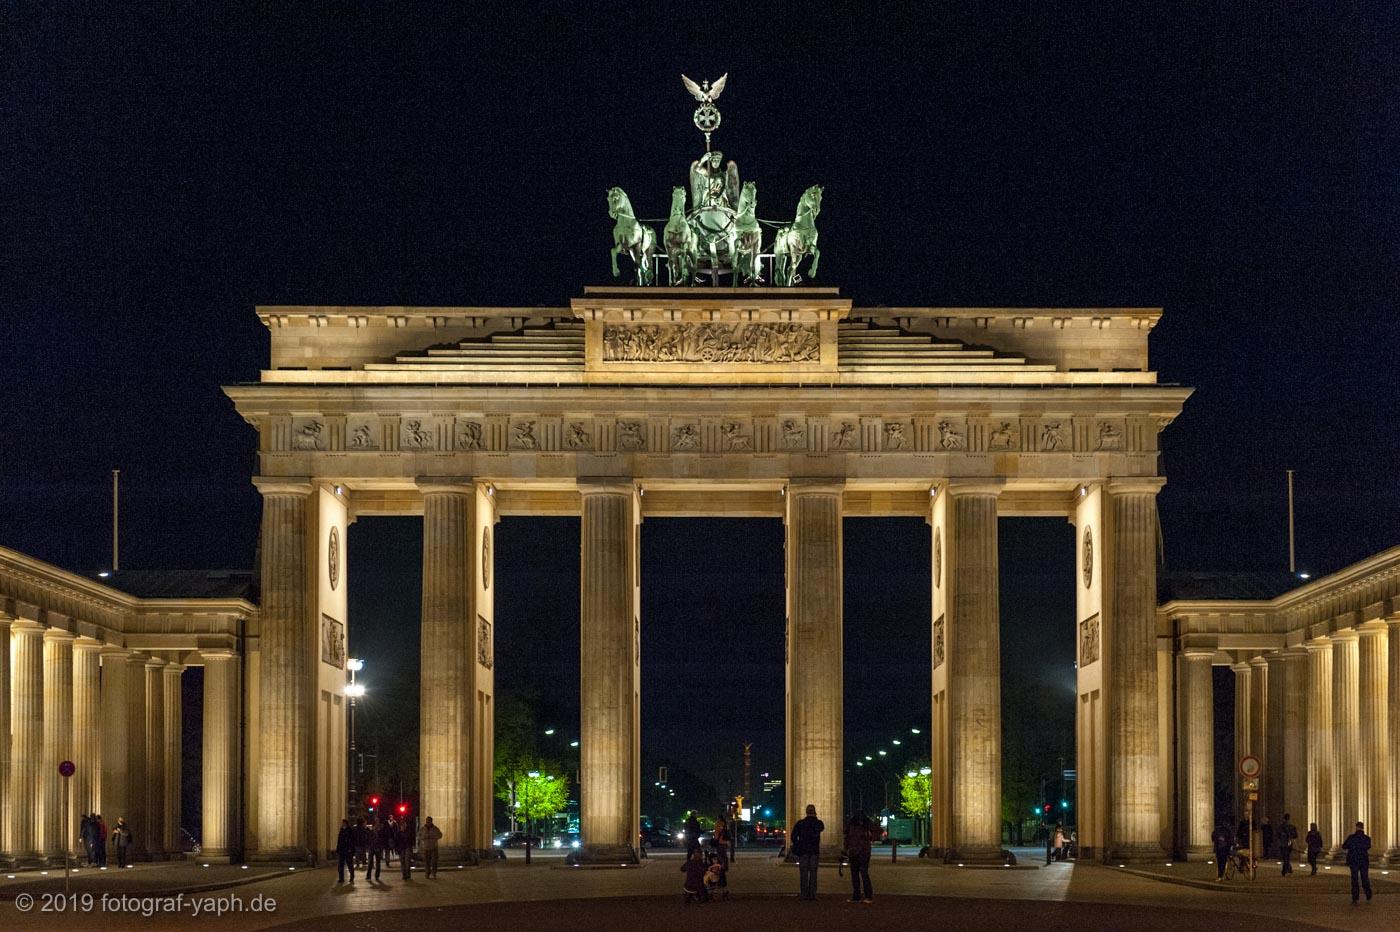 Architekturfotograf Yaph aus Trier zeigt das Brandenburger Tor in Berlin mit der Quadriga sehr plastisch und beeindruckend.